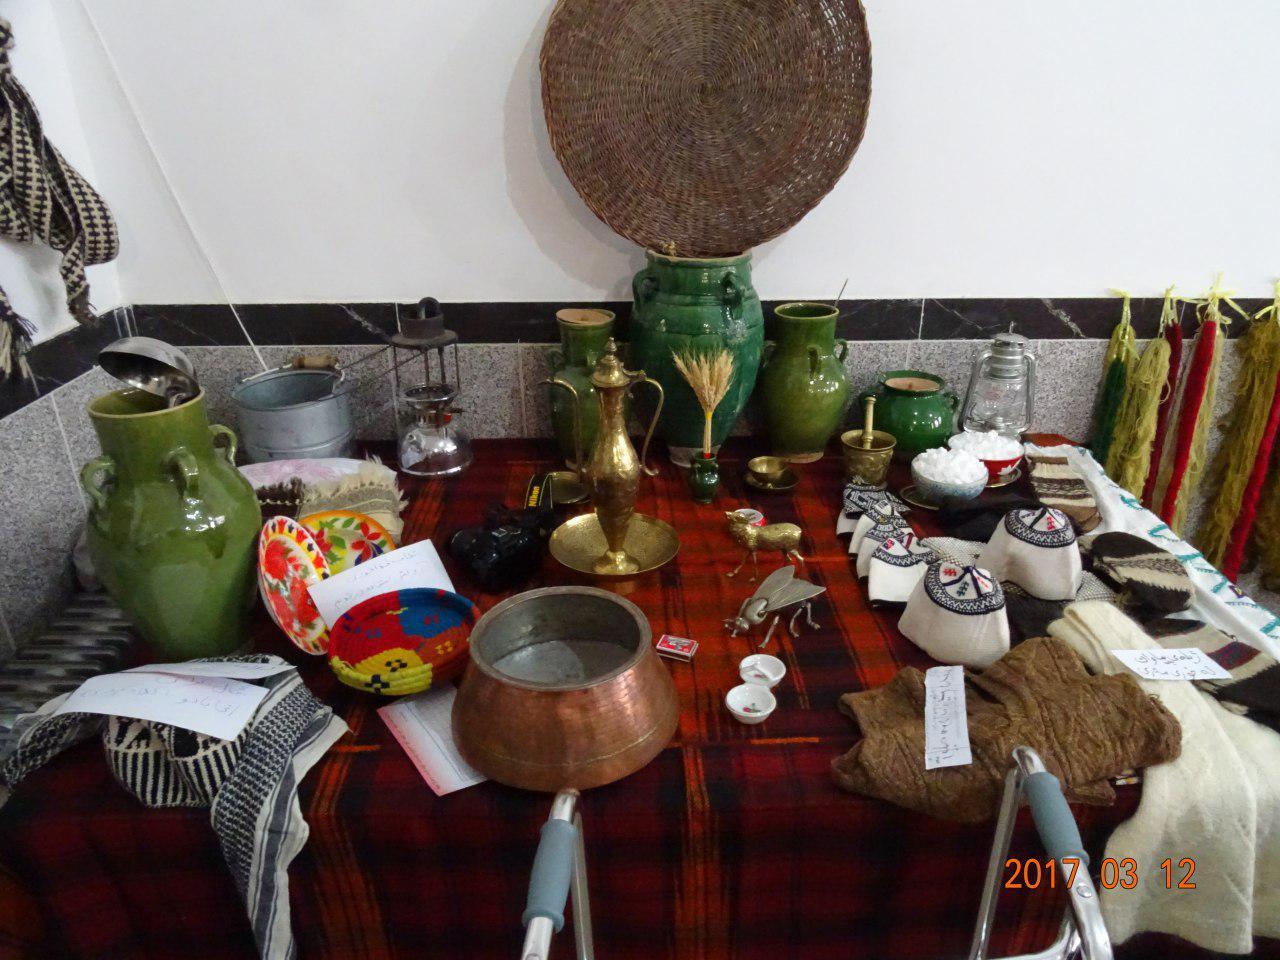 برگزاری نمایشگاه آداب و رسوم کوردی در مهاباد + تصاویر